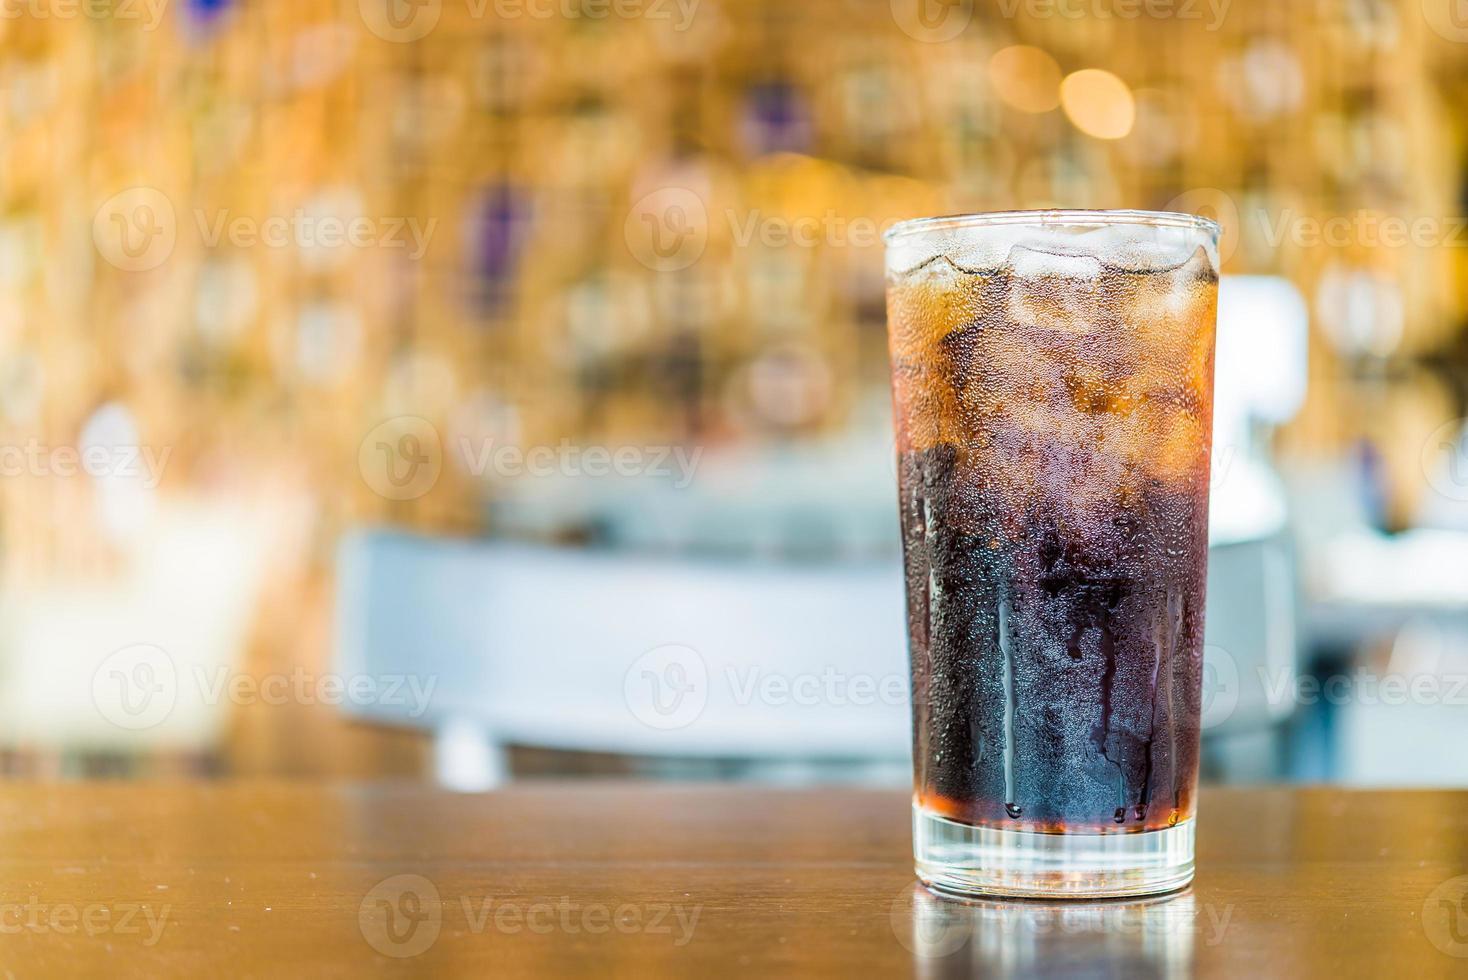 colaglas op bokehachtergrond foto